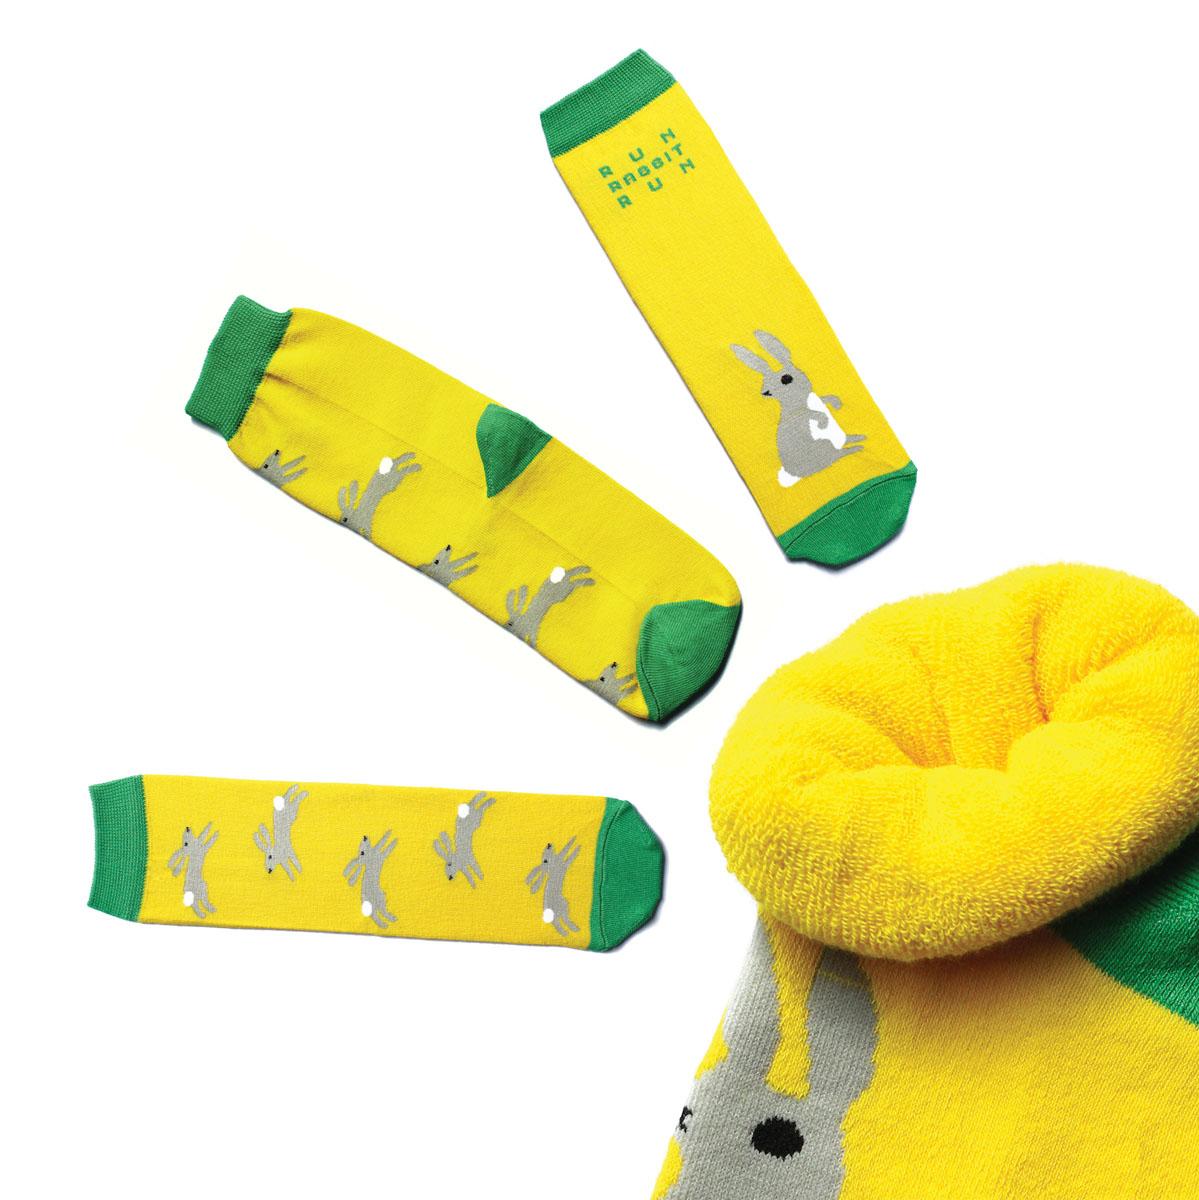 Носкиn233Яркие носки Big Bang Socks изготовлены из высококачественного хлопка с добавлением полиамида и эластана, которые обеспечивают отличную посадку. Модель с удлиненным паголенком оформлена оригинальным принтом с изображением зайцев. Широкая резинка плотно облегает ногу и обеспечивает комфорт, не сдавливая ее. Внутренняя ворсистая поверхность обеспечит комфорт и тепло.